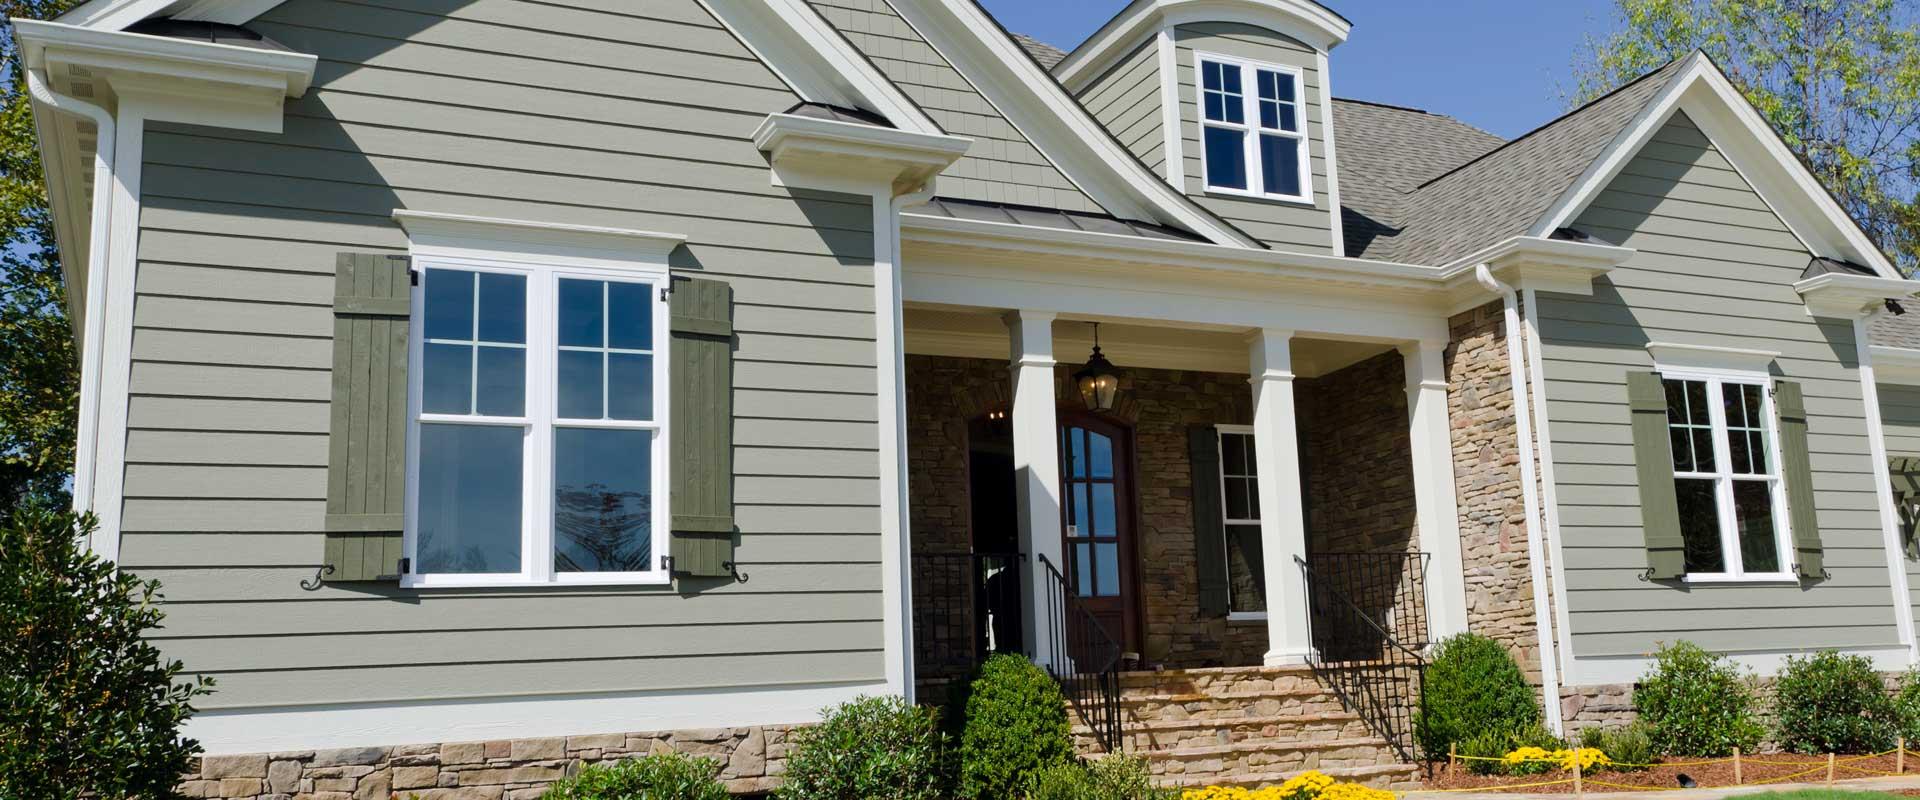 Fenetre de maison affordable images gratuites maison mur couleur faade bleu color enfance for Fenetre maison